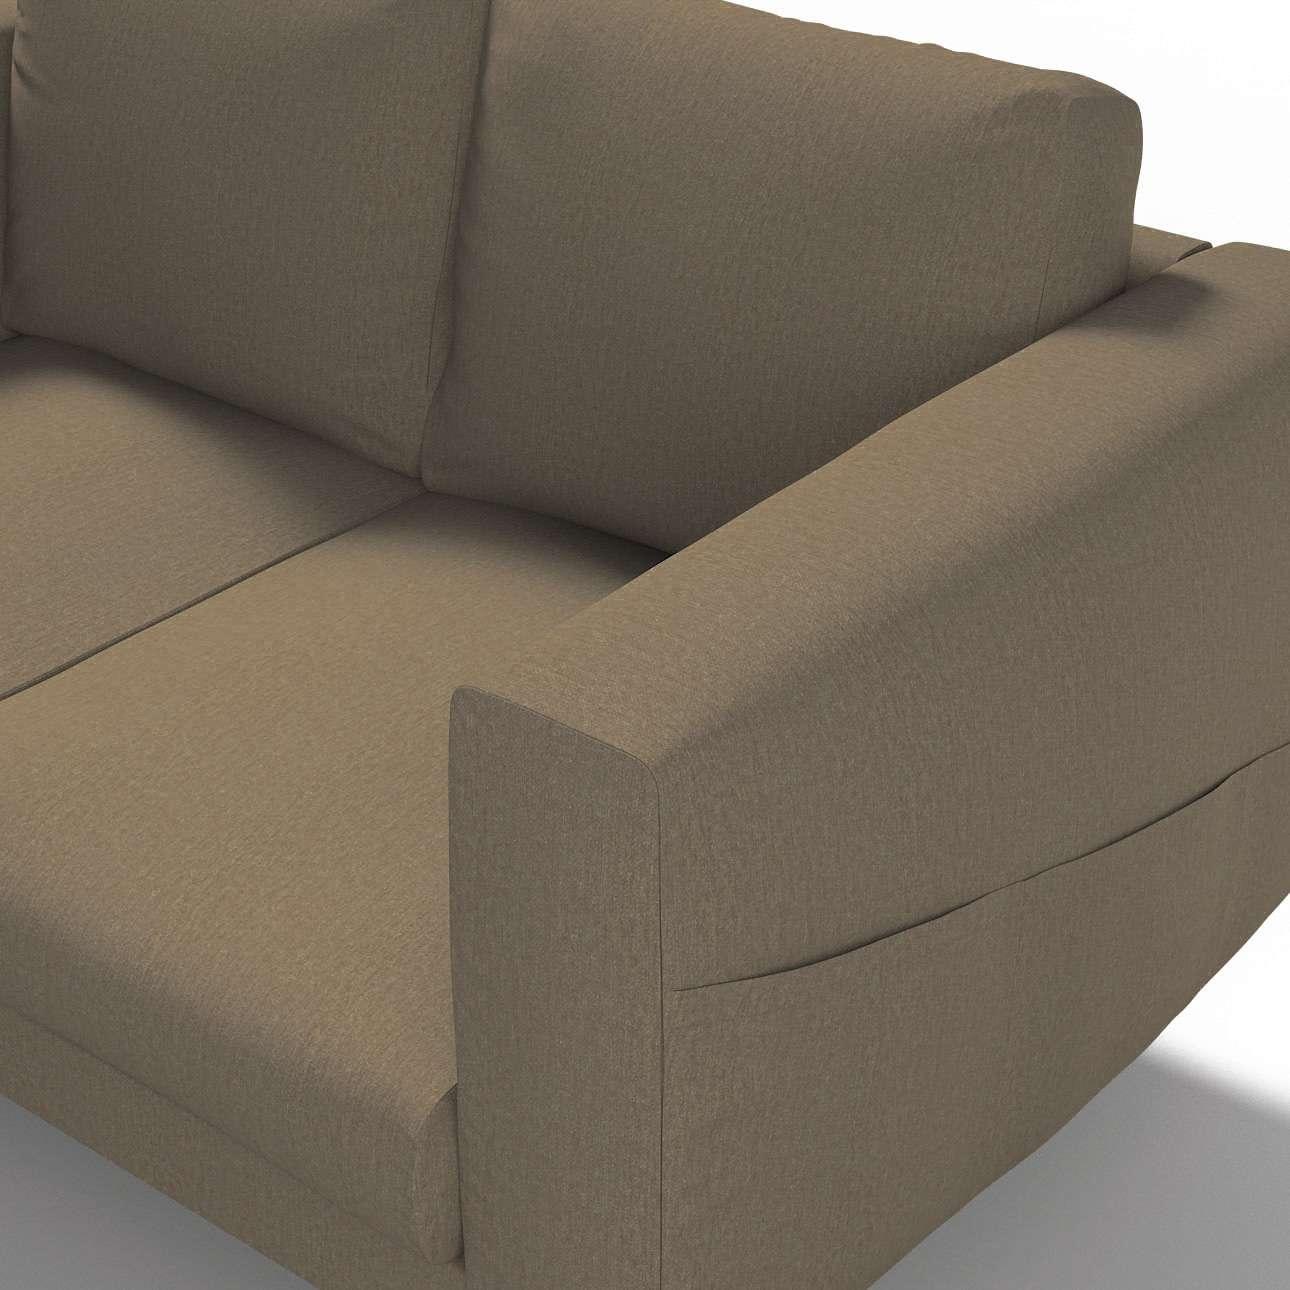 Pokrowiec na sofę Norsborg 2-osobową w kolekcji Chenille, tkanina: 702-21